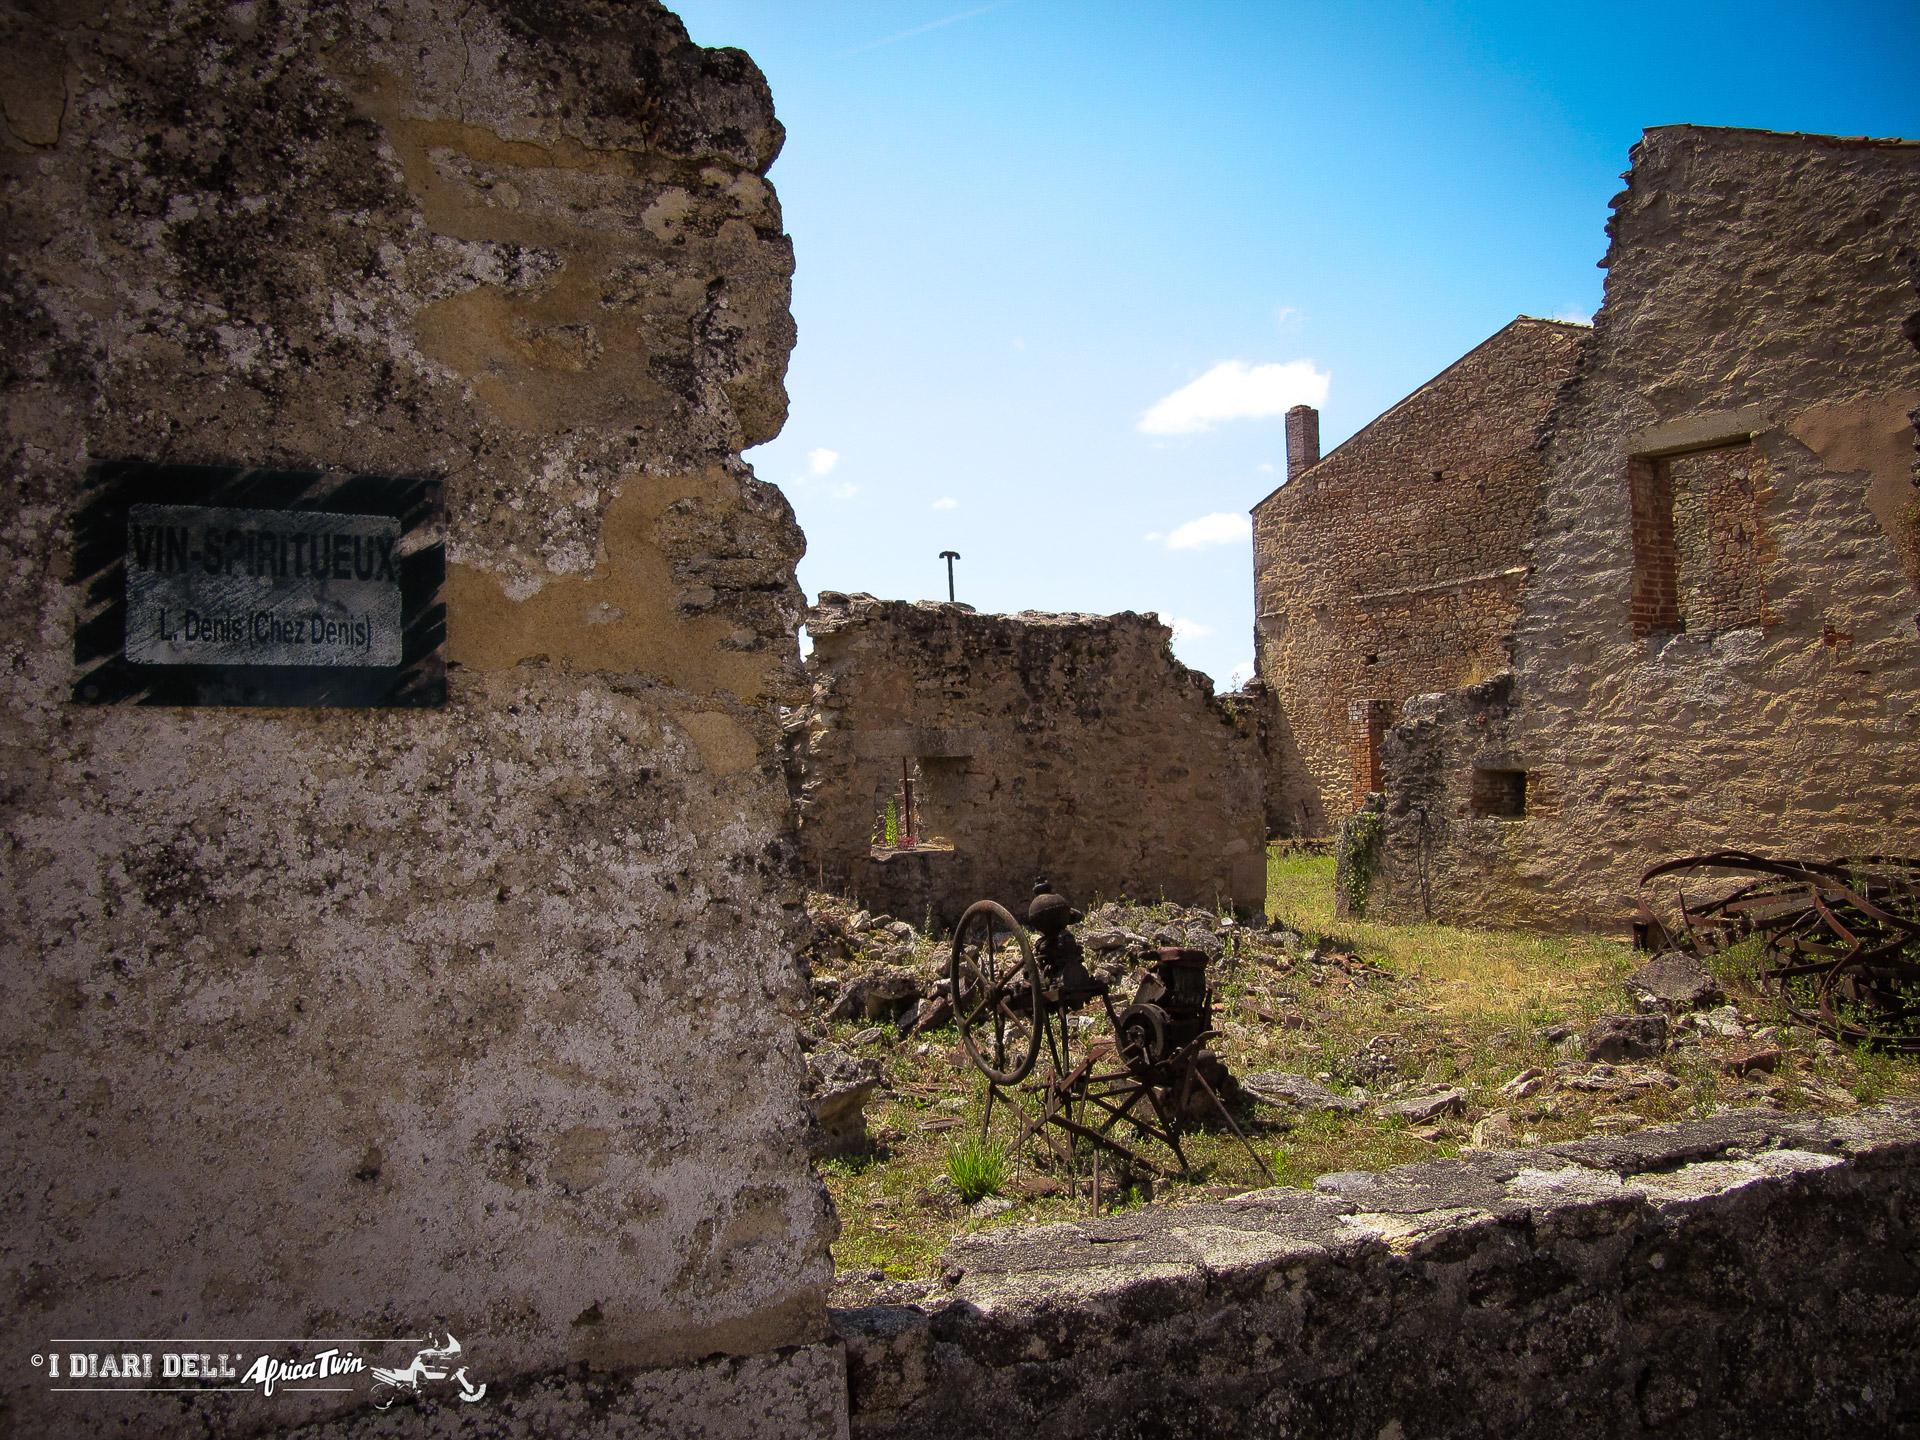 Oradour-sur-glane la città fantasma